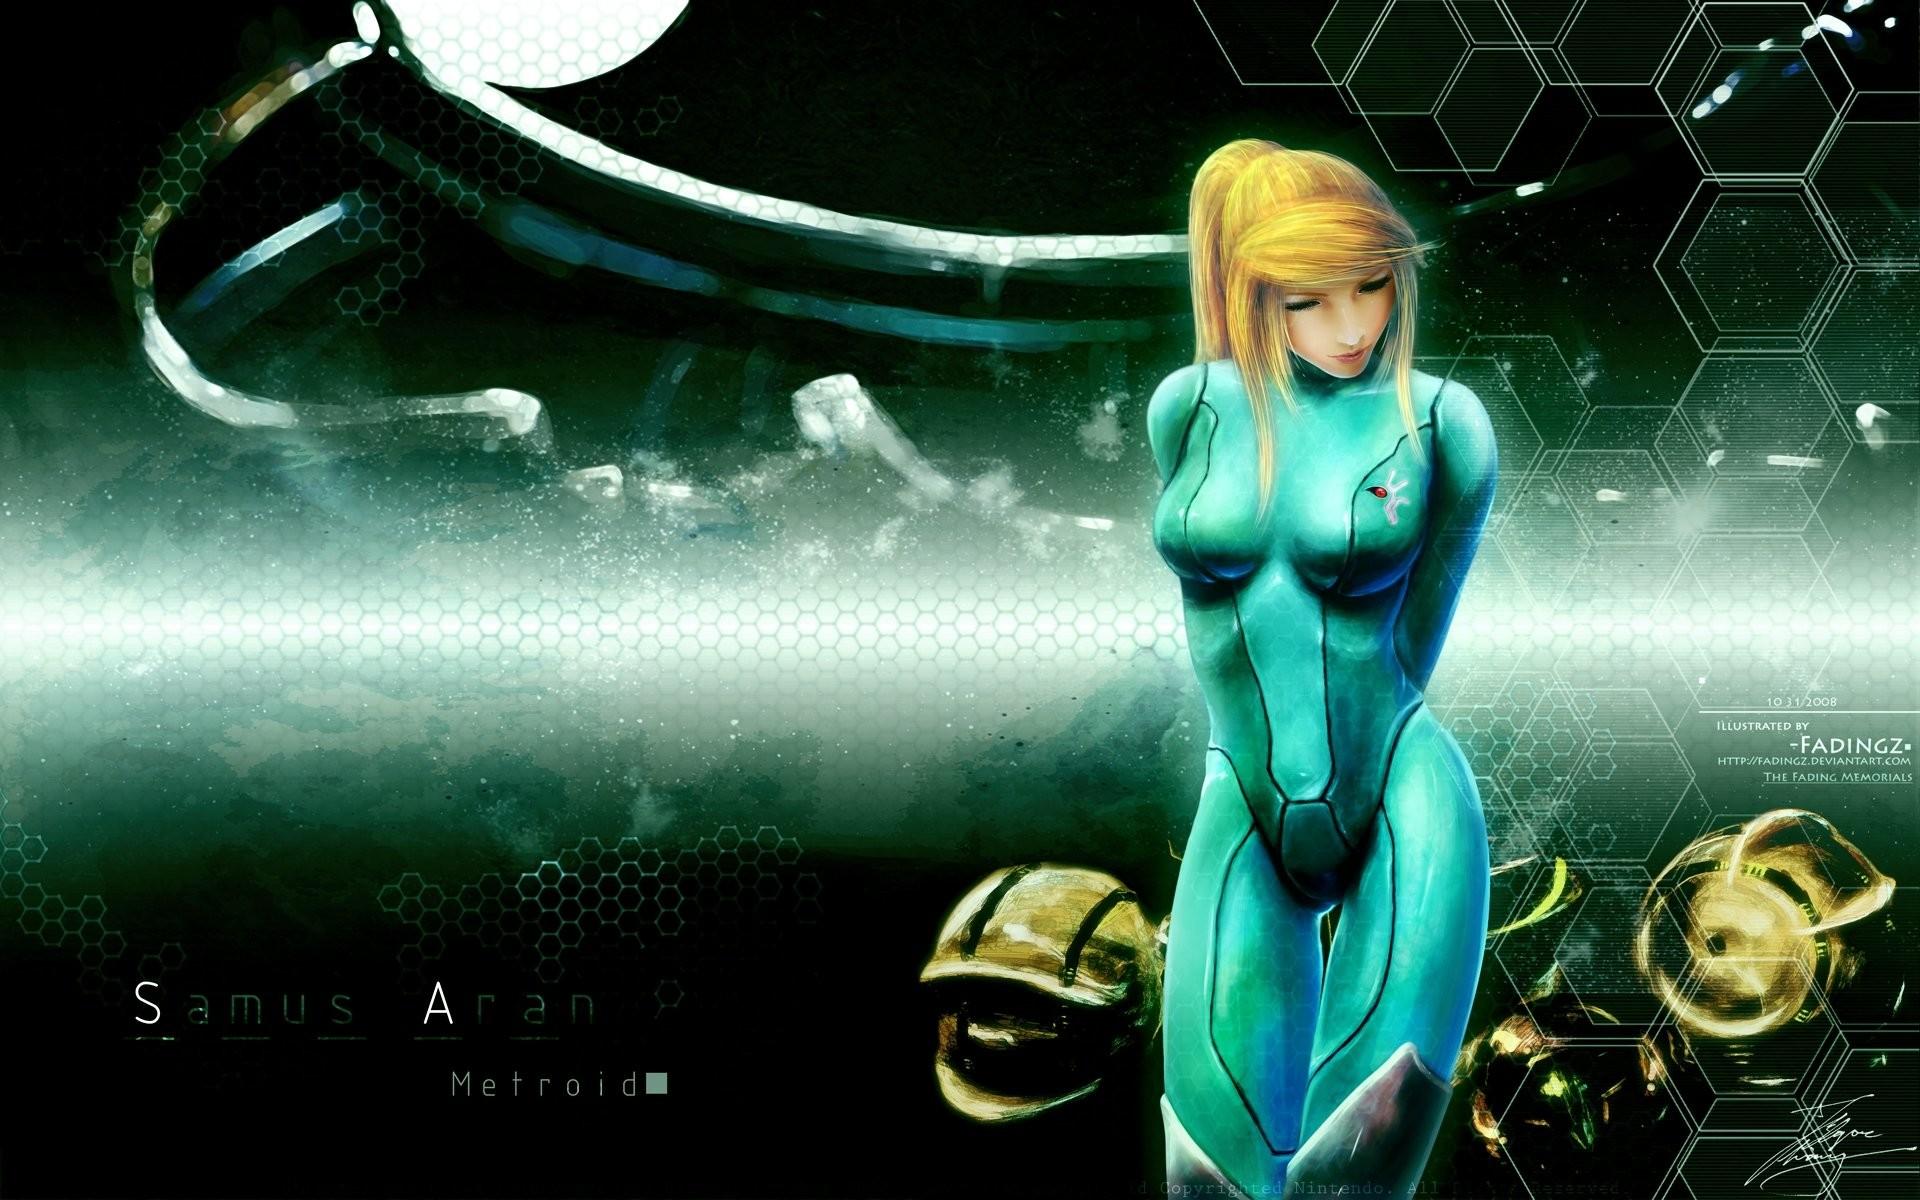 Metroid Samus Aran Zero Suit Samus wallpaper | | 808099 |  WallpaperUP